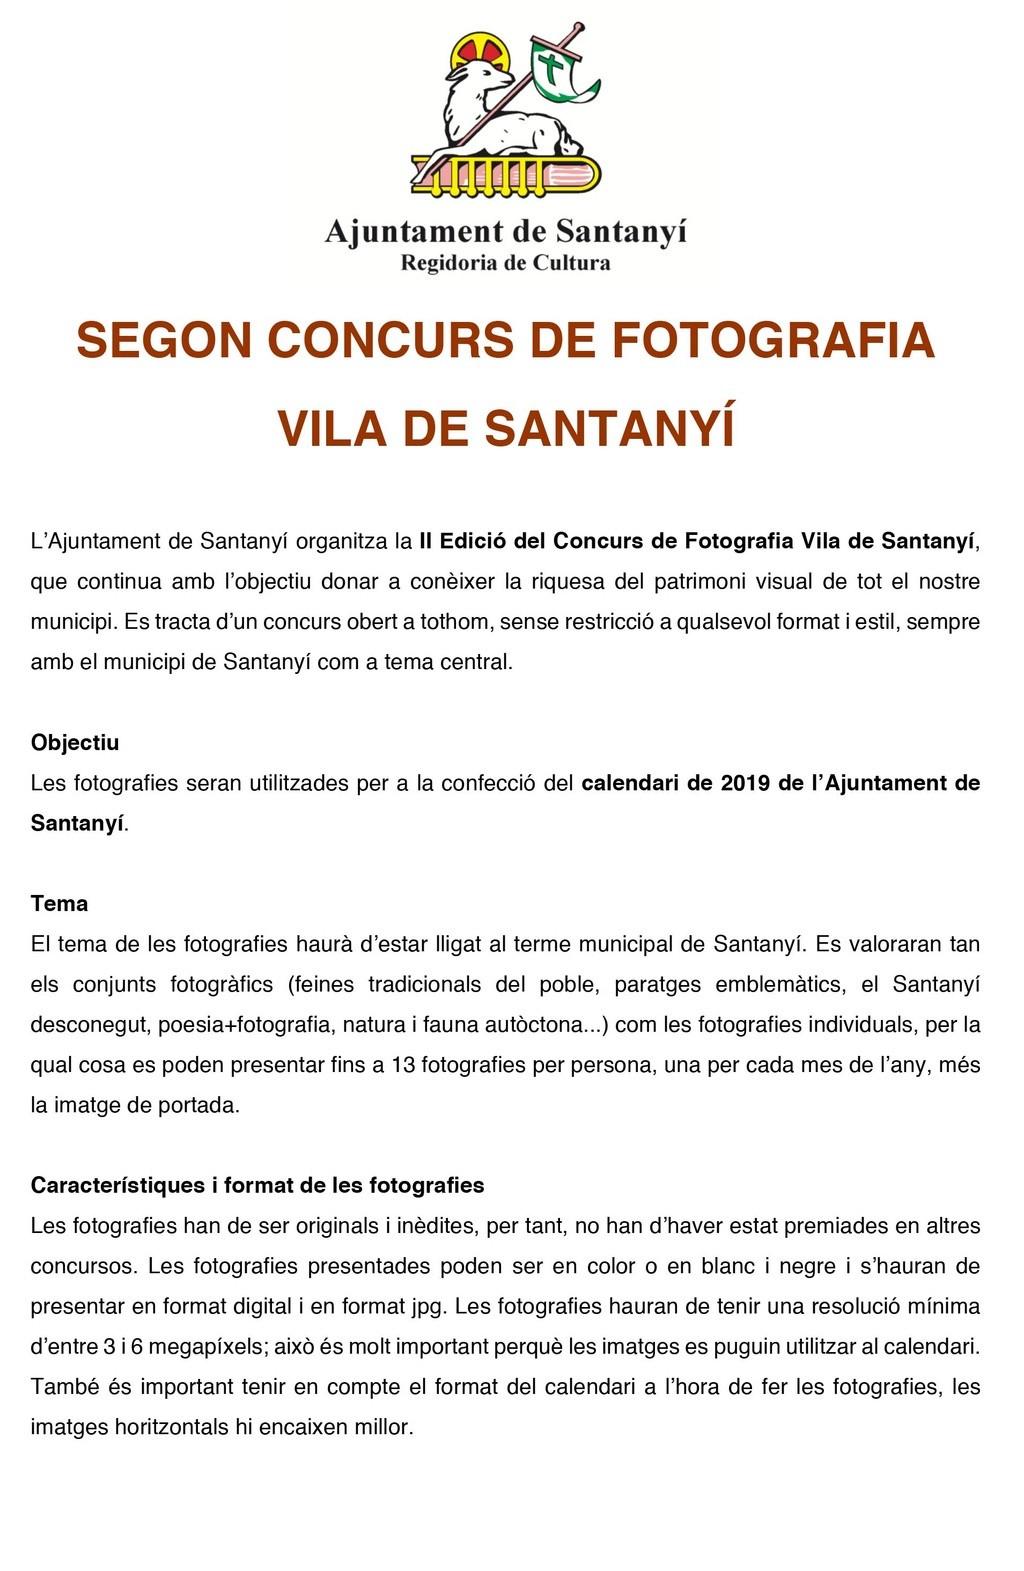 Concursos de Fotografía Septiembre 2018 Santan10